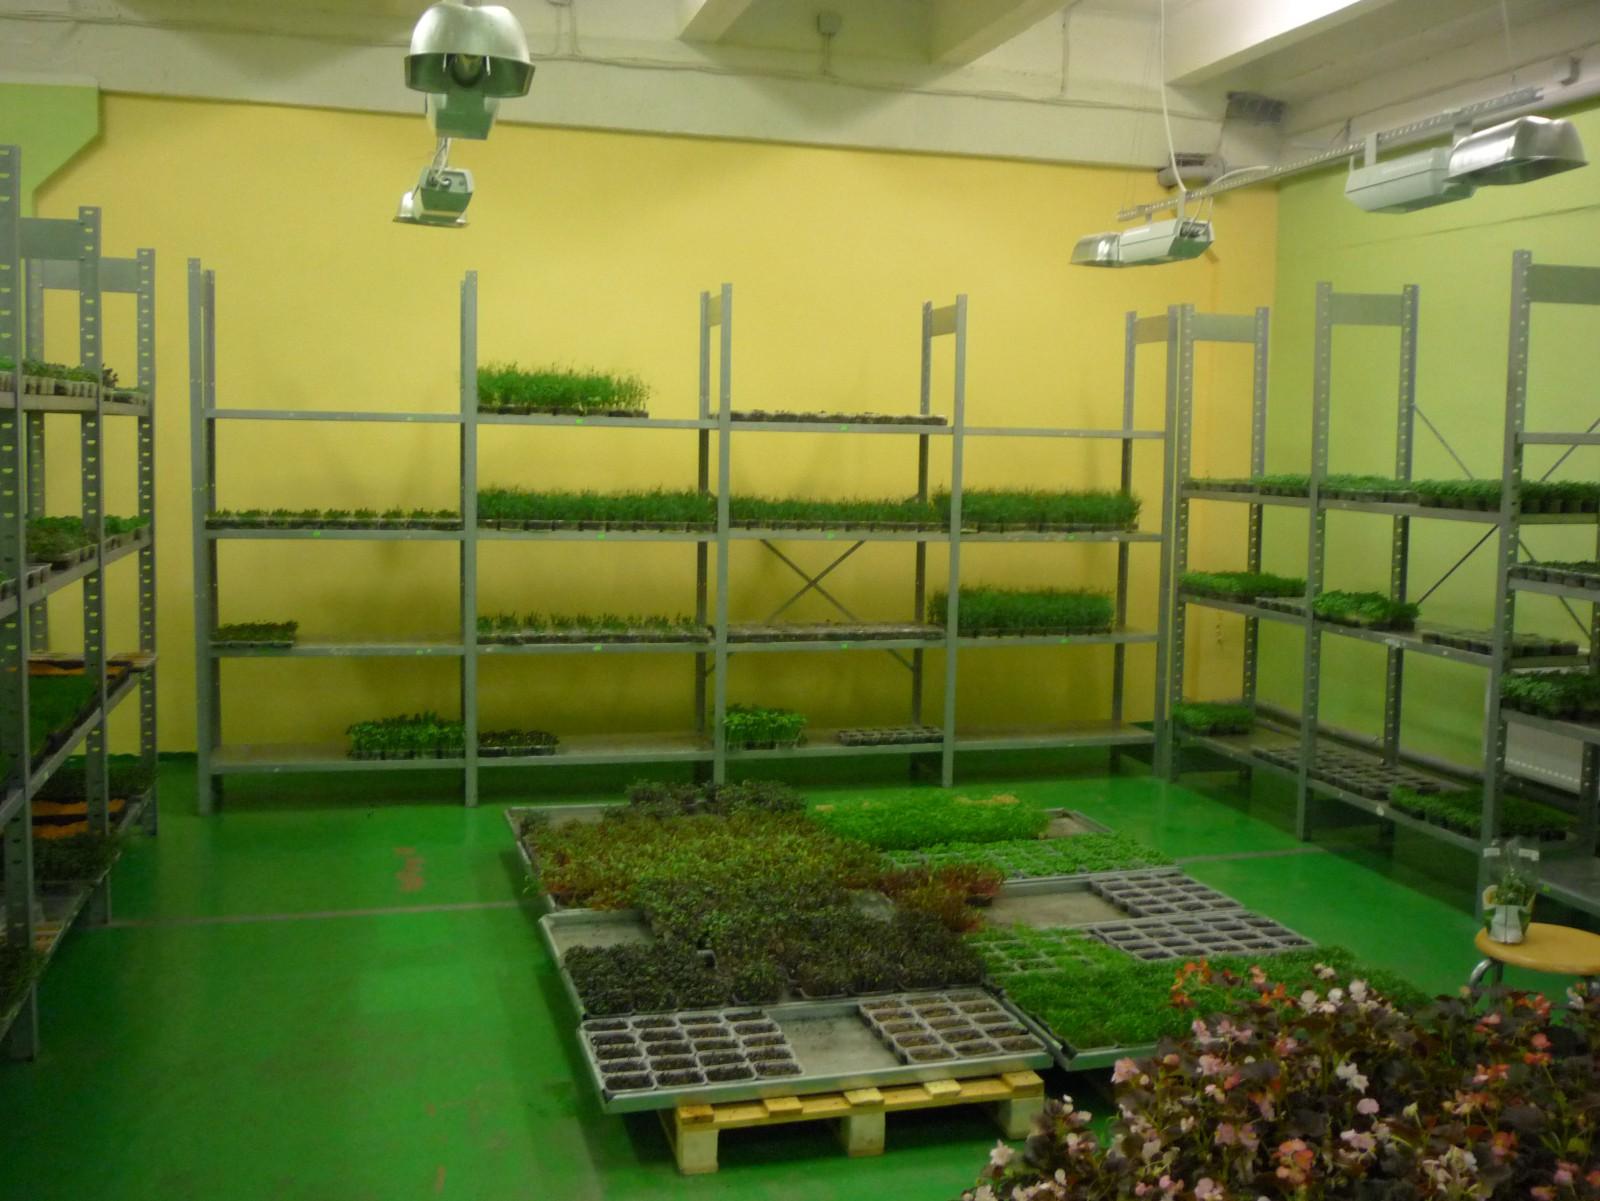 Выращивание овощей как бизнес с нуля в 2021 году. как сделать бизнес урожайным